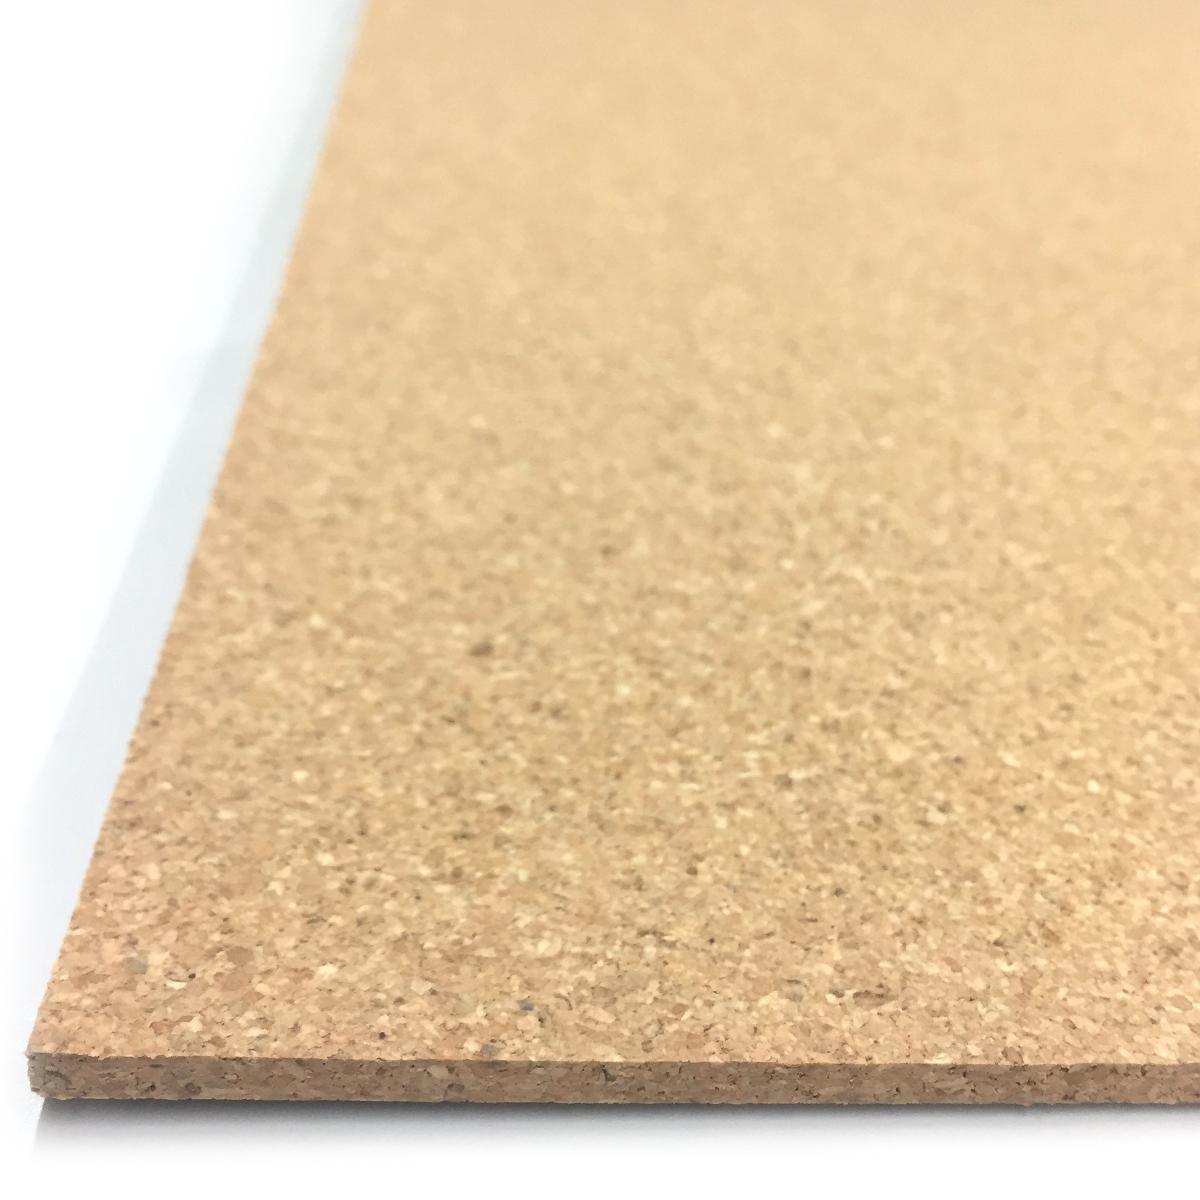 自由工作や作品作りに 安い 激安 プチプラ 高品質 コルクシート 細目 450x600mm 5mm厚 DIY コルク 木材 安売り 手作り